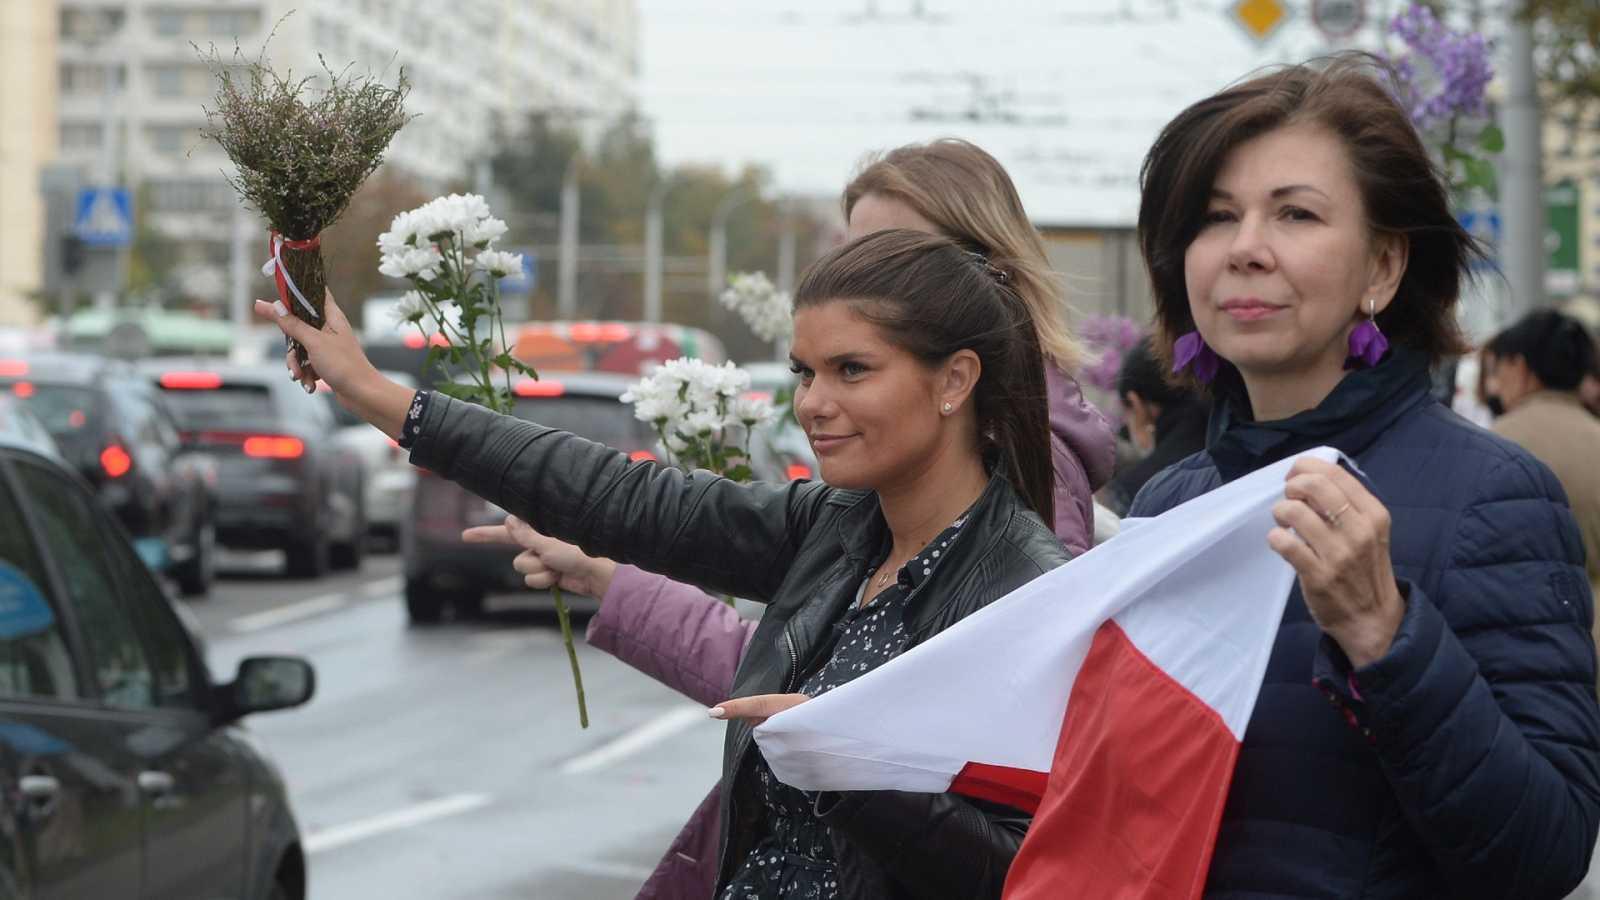 Reportajes 5 Continentes - Las mujeres bielorrusas en primera línea contra Lukashenko - ESCUCHAR AHORA